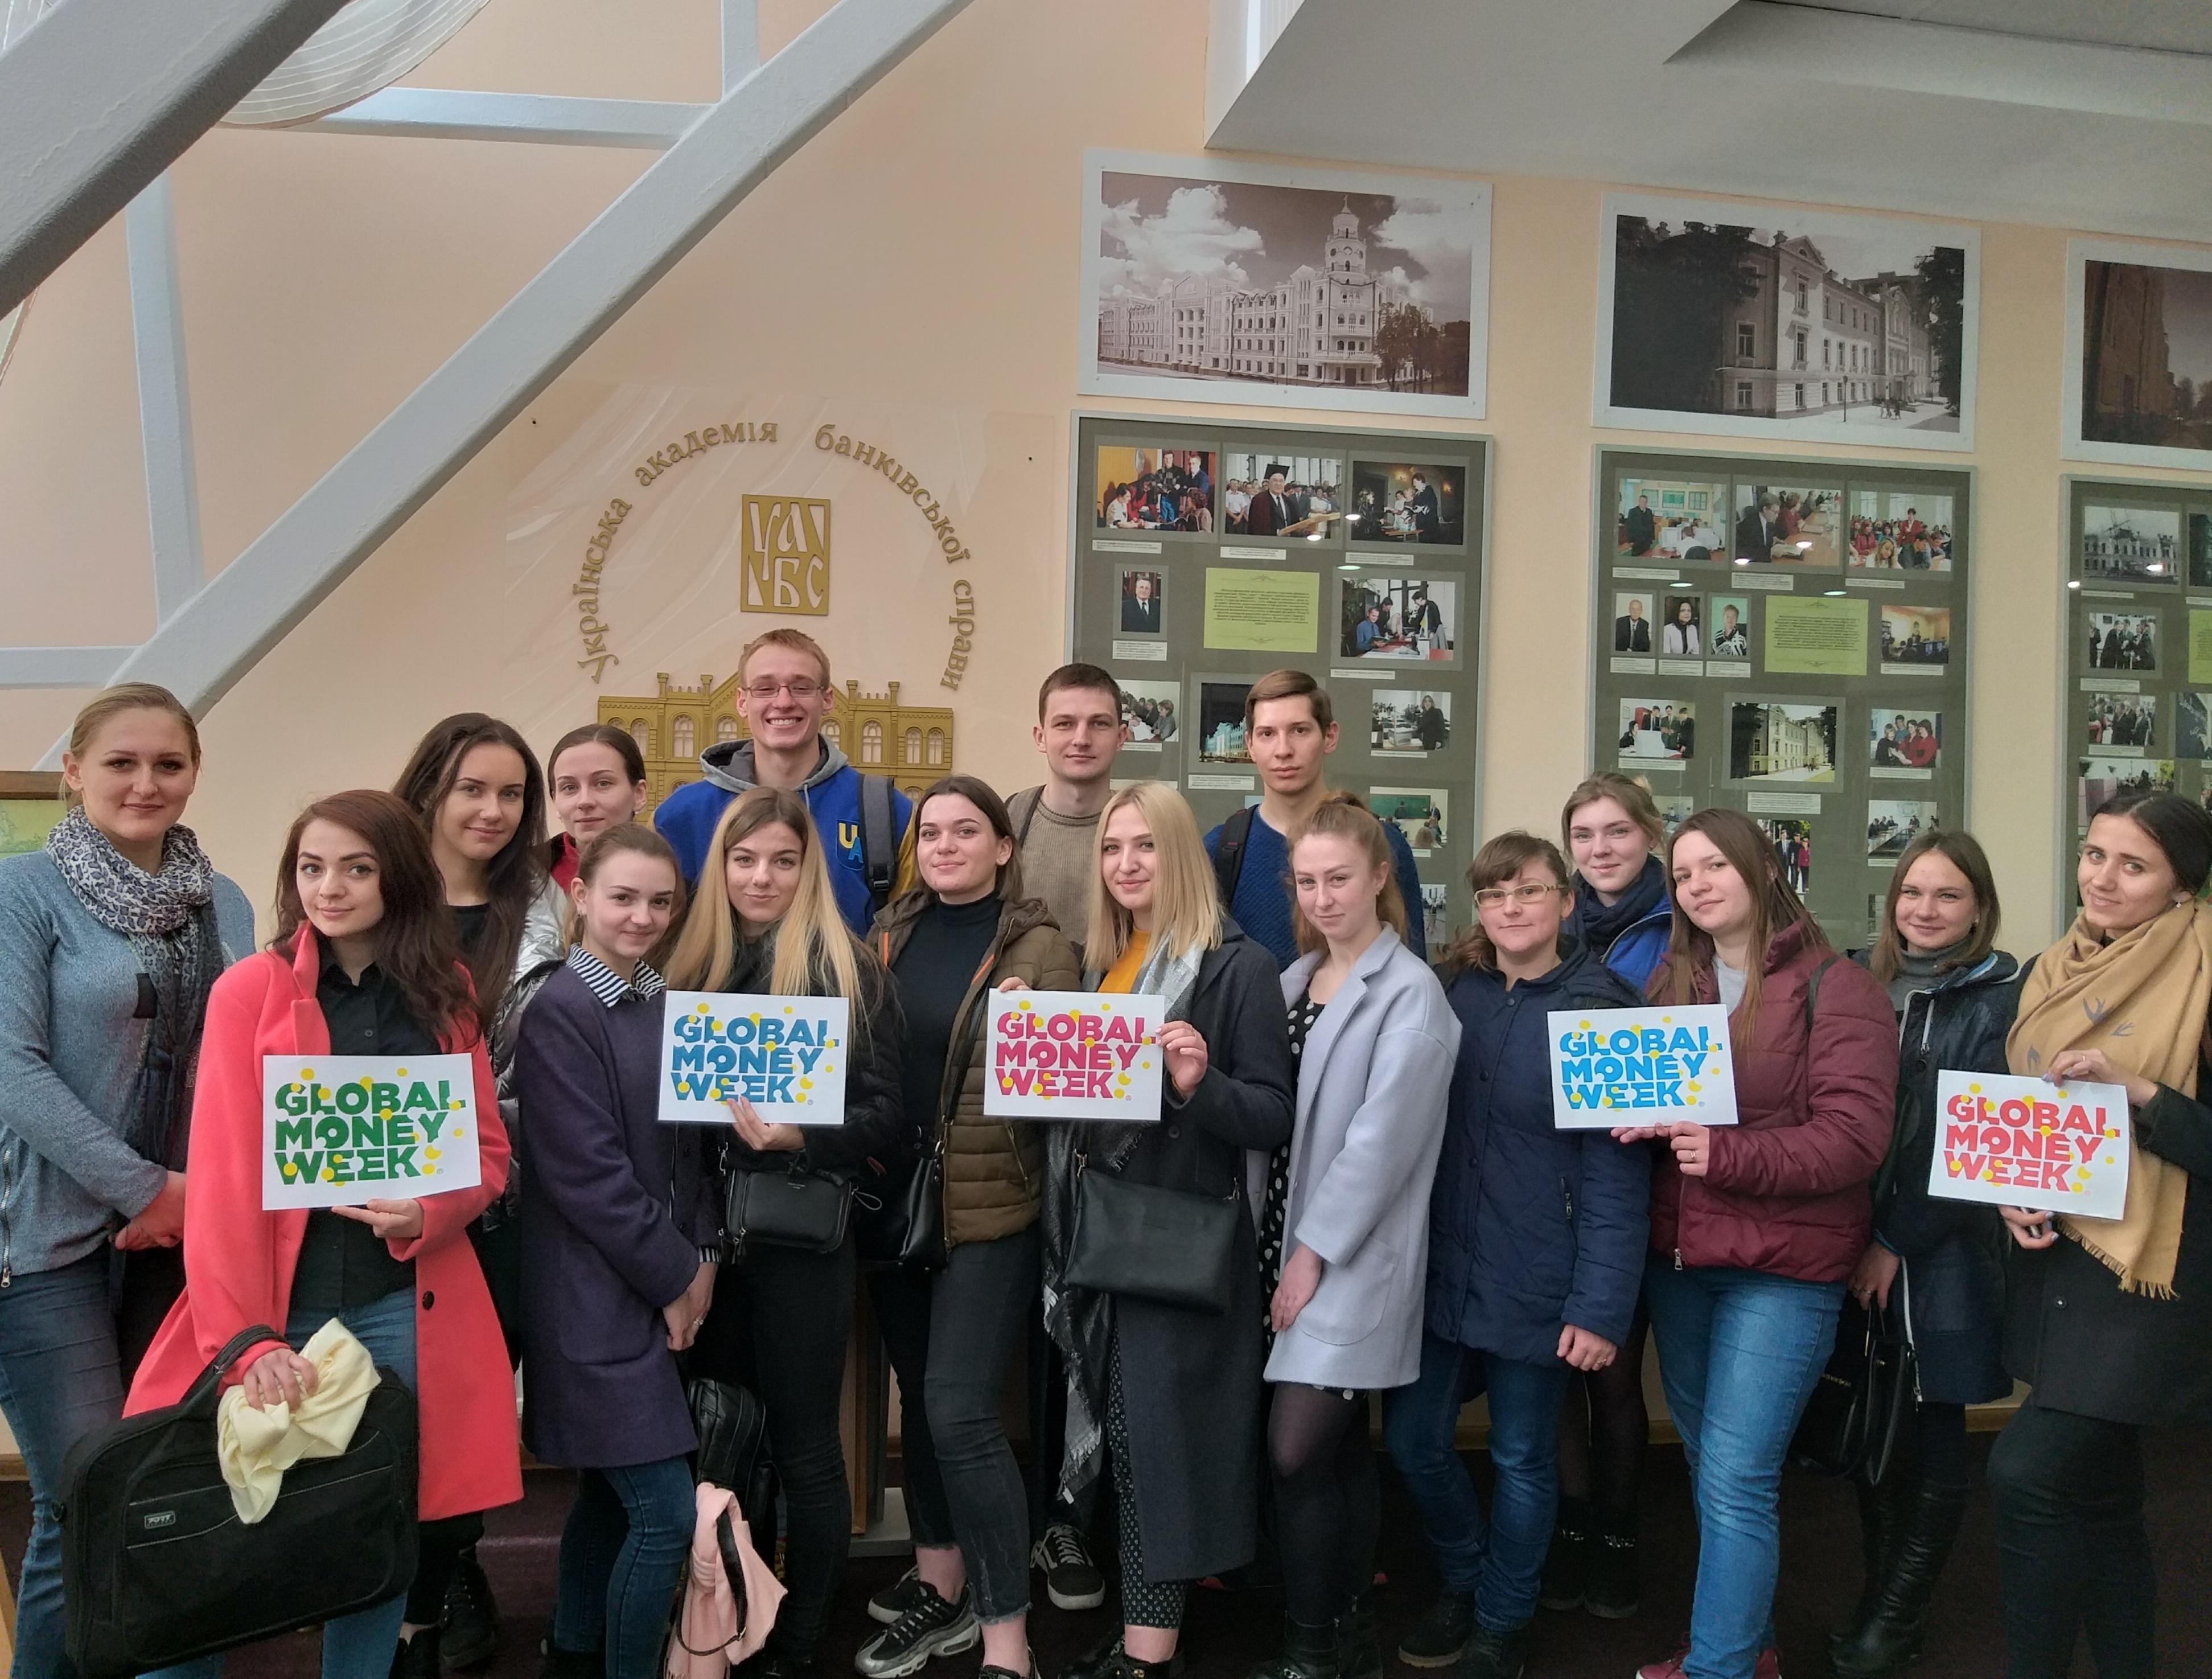 Студенти та викладачі ННІ БТ «УАБС» провели ряд заходів з нагоди Global Money Week 2019